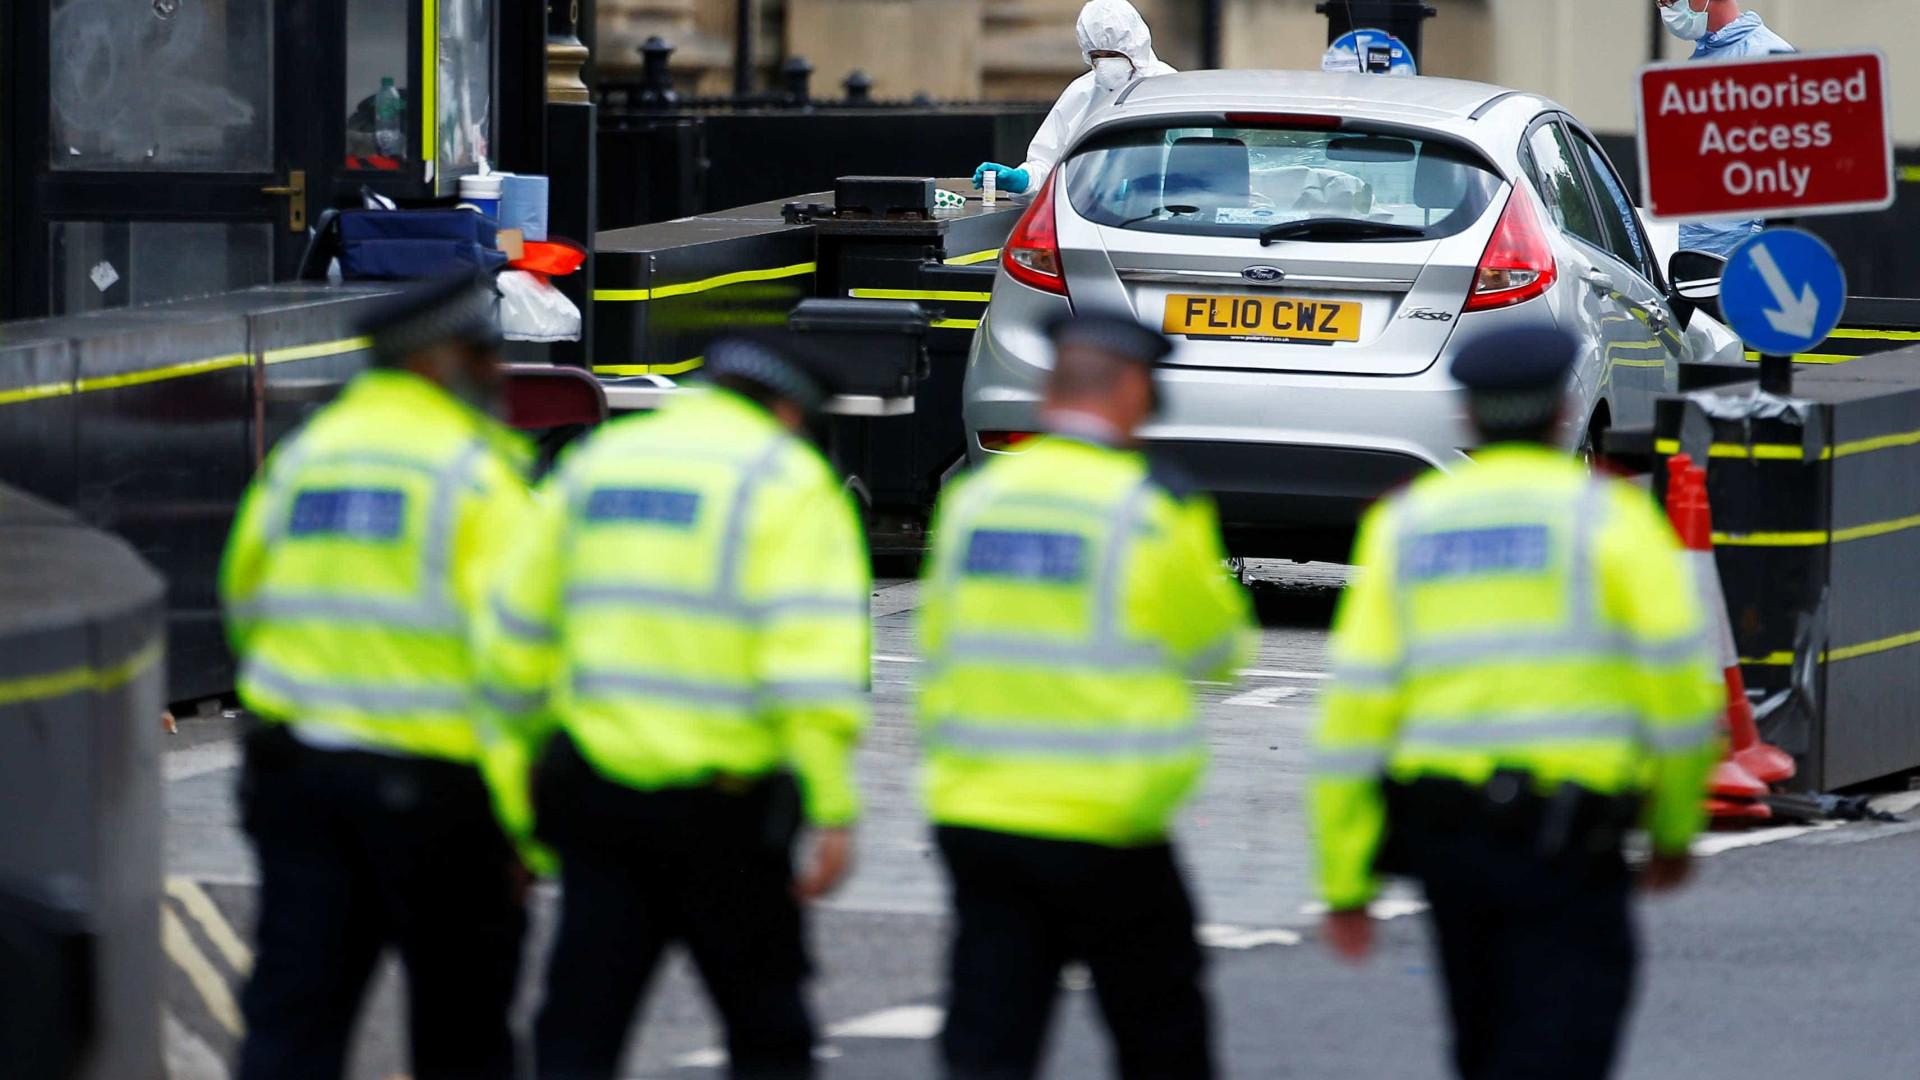 Polícia confirma três feridos em ataque ao Parlamento do Reino Unido